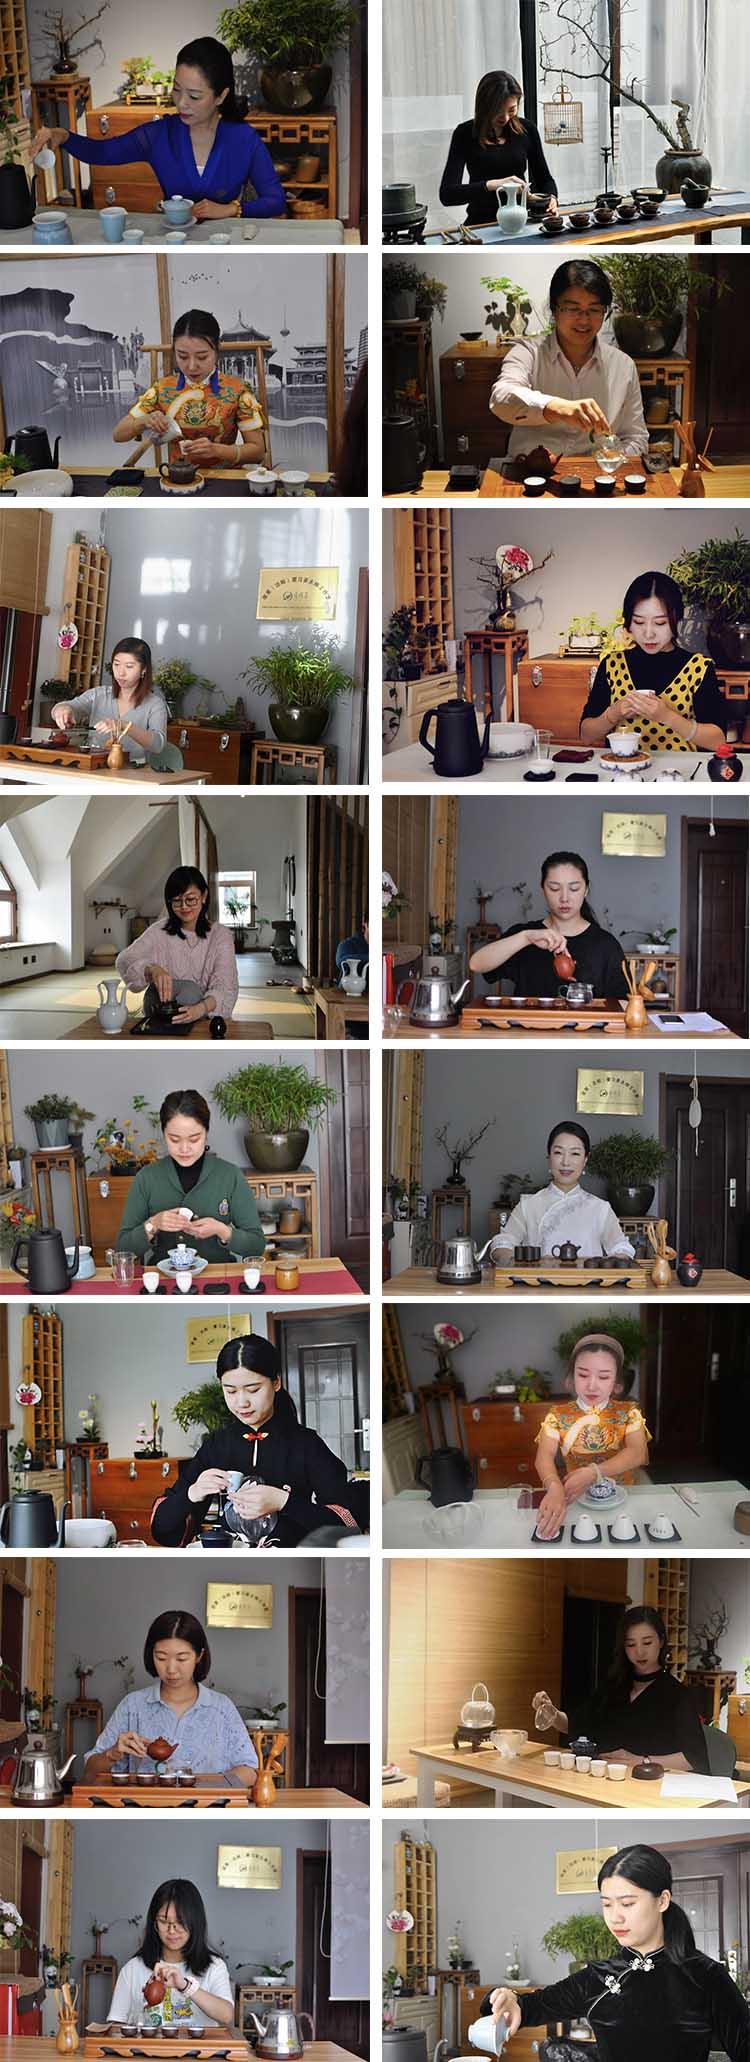 茶艺师学员上课